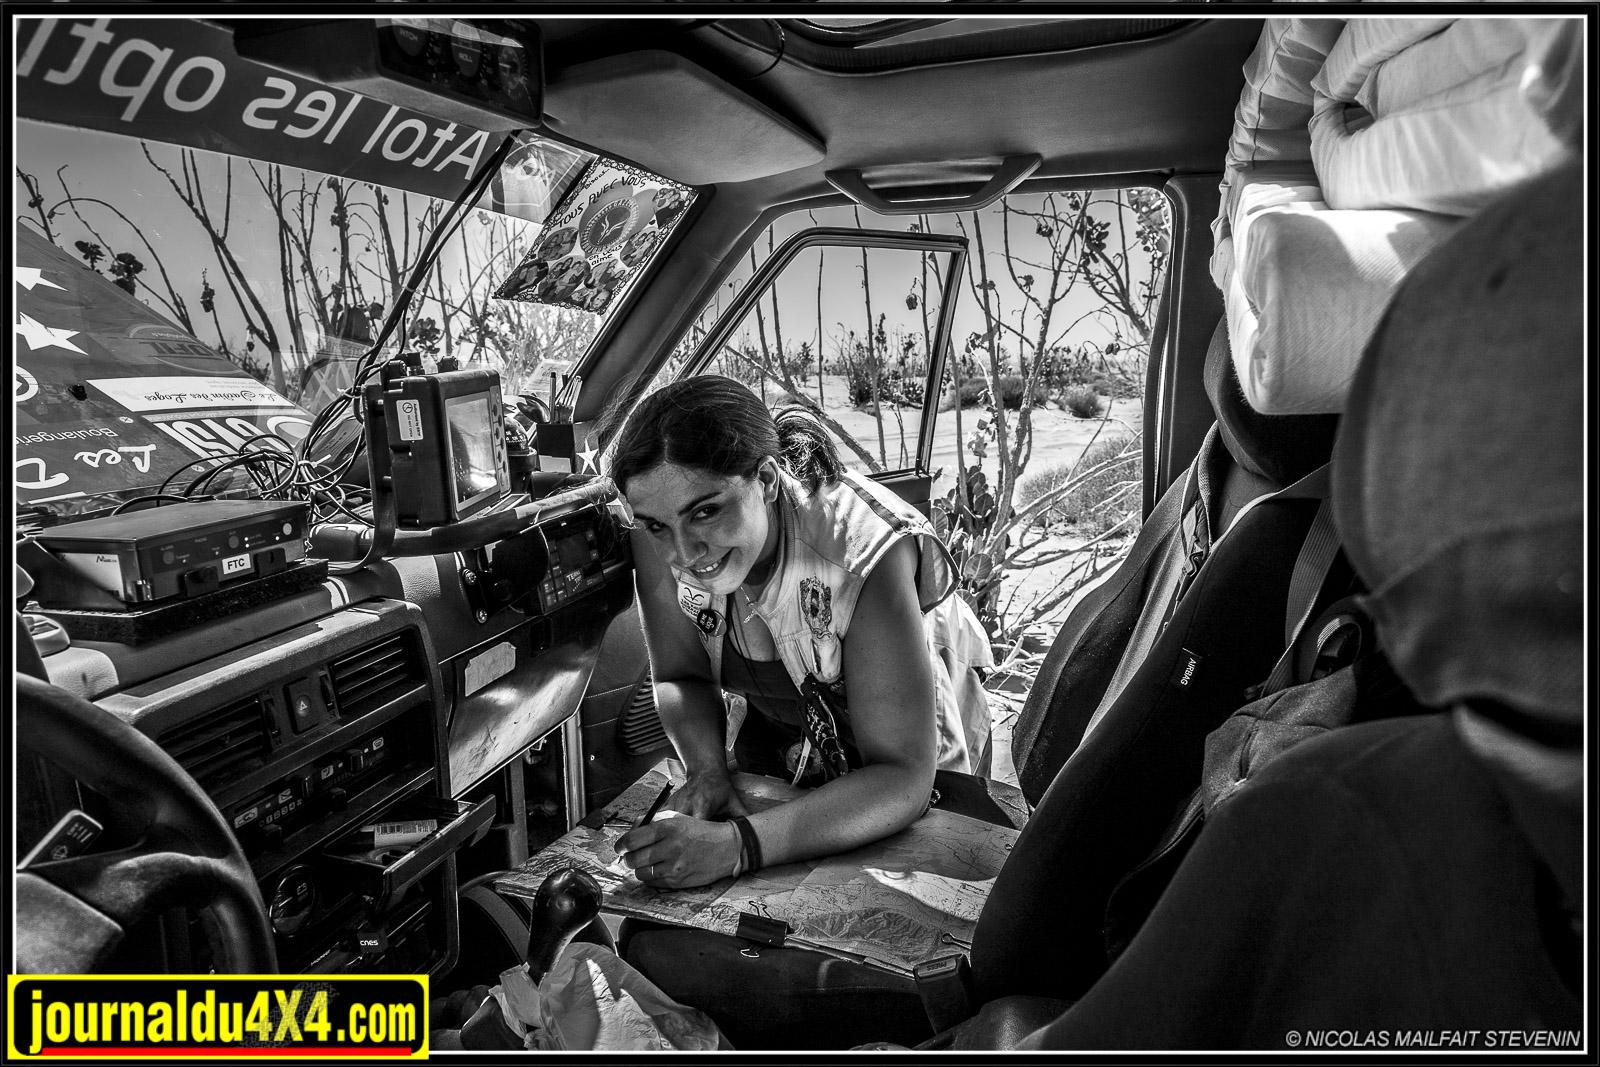 rallye-aicha-gazelles-maroc-2017-7762.jpg